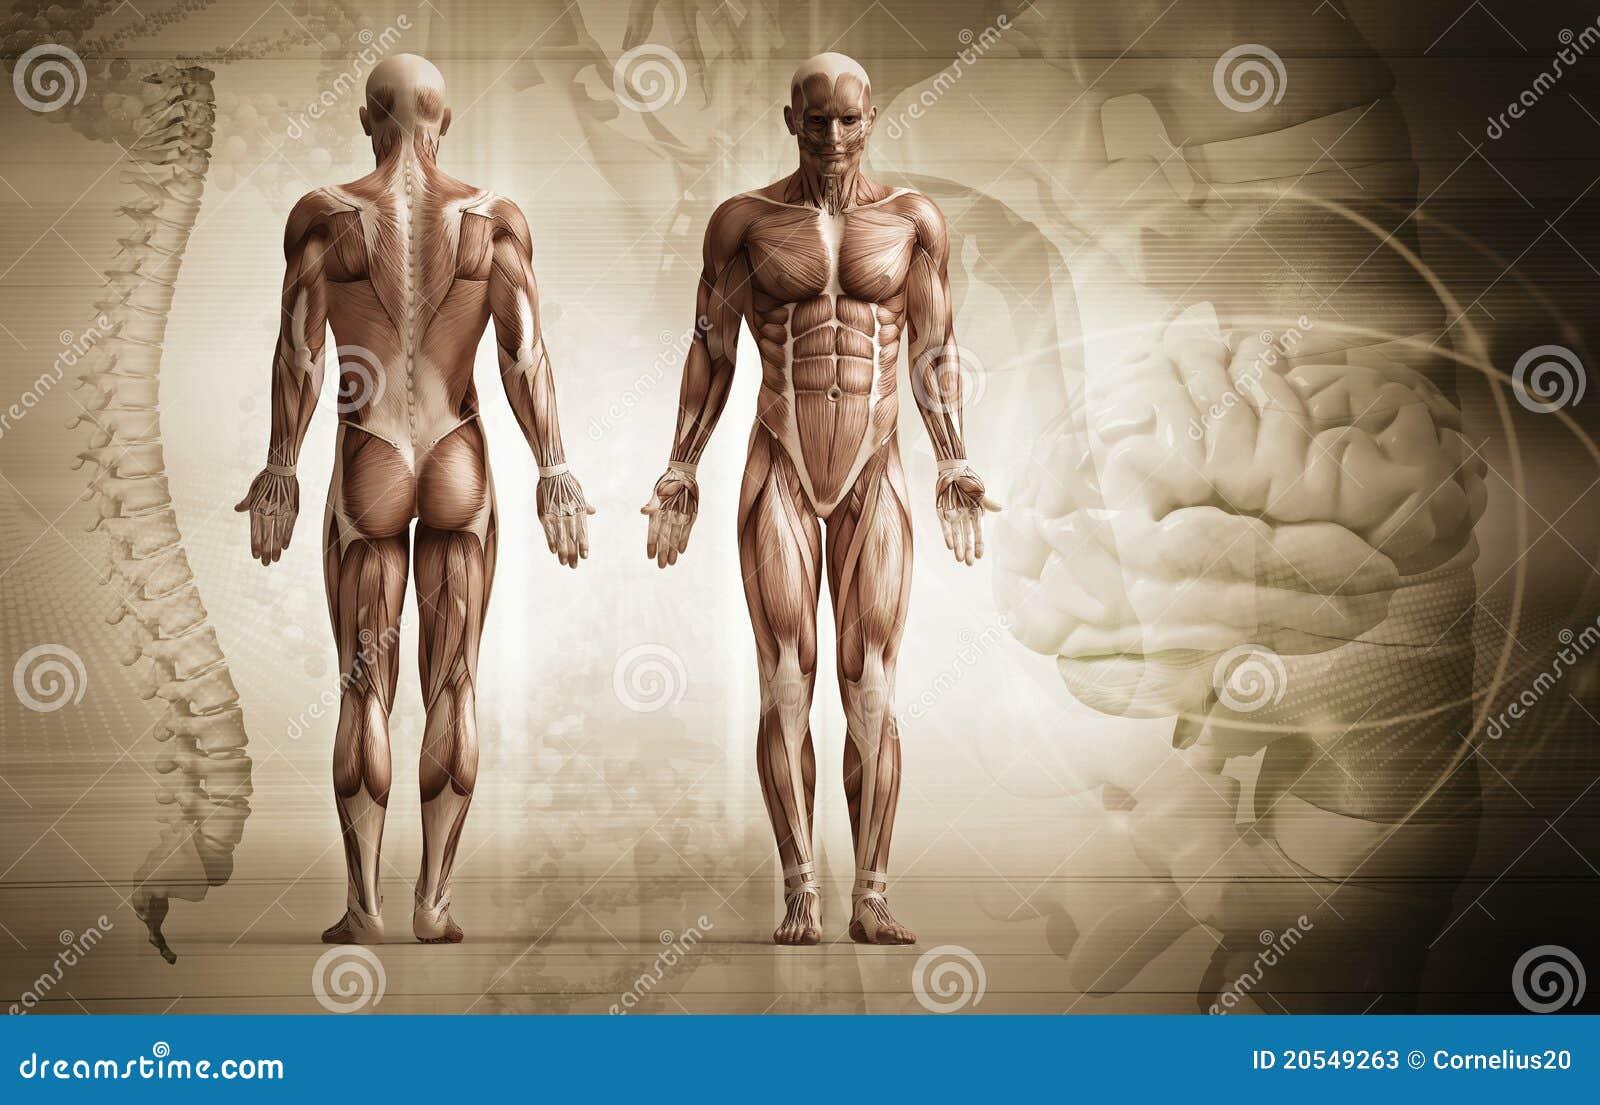 Ciało istota ludzka